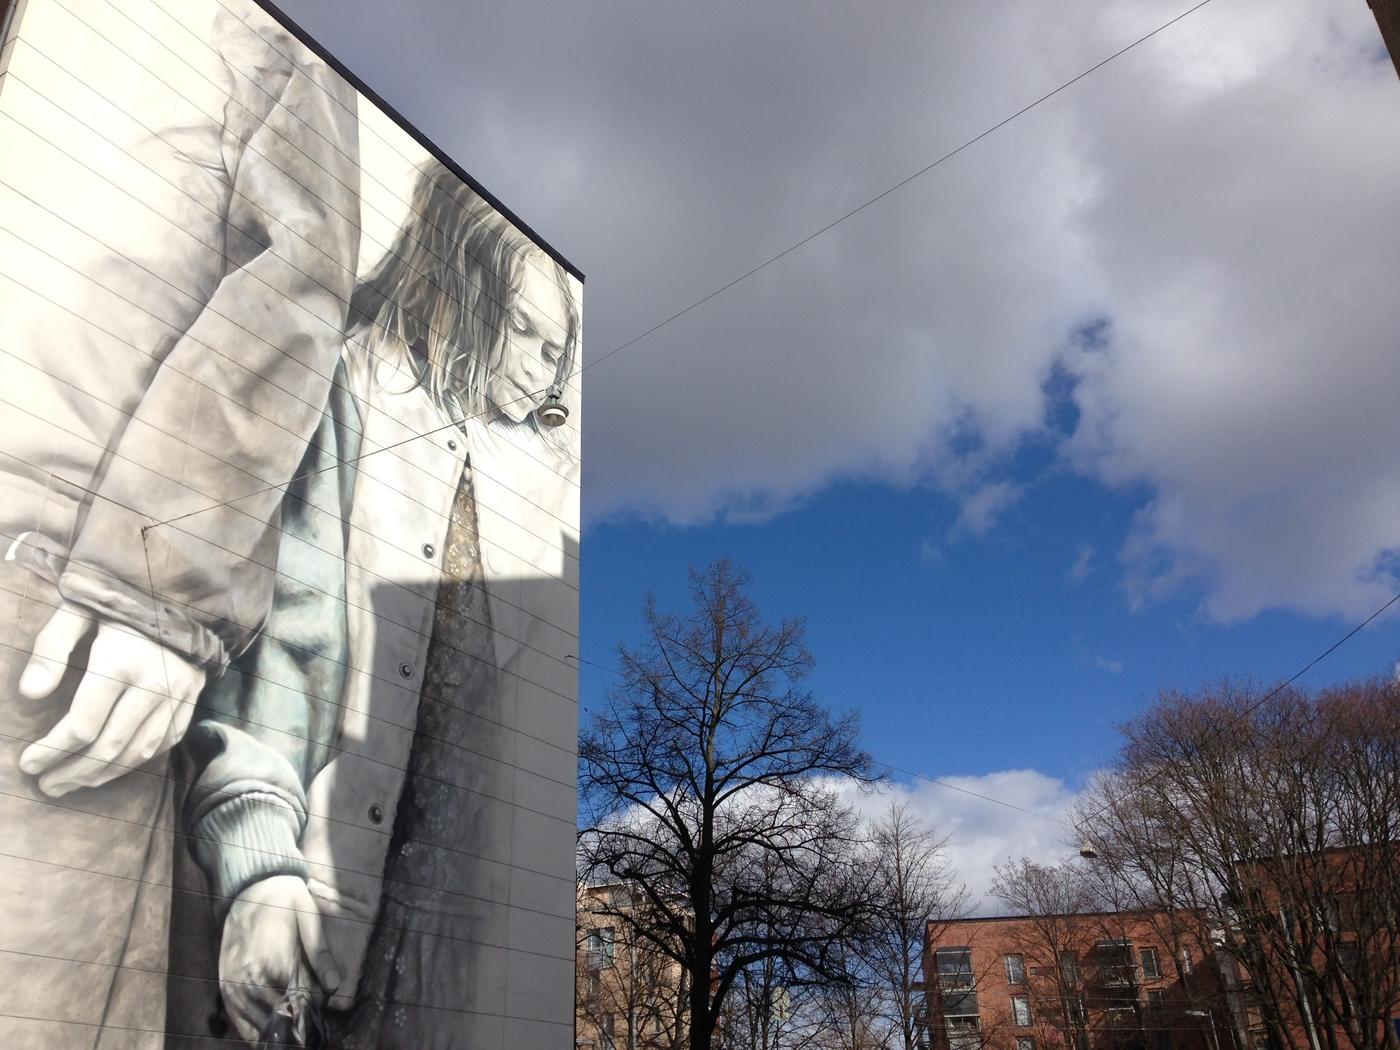 Herkkis Helsingissä